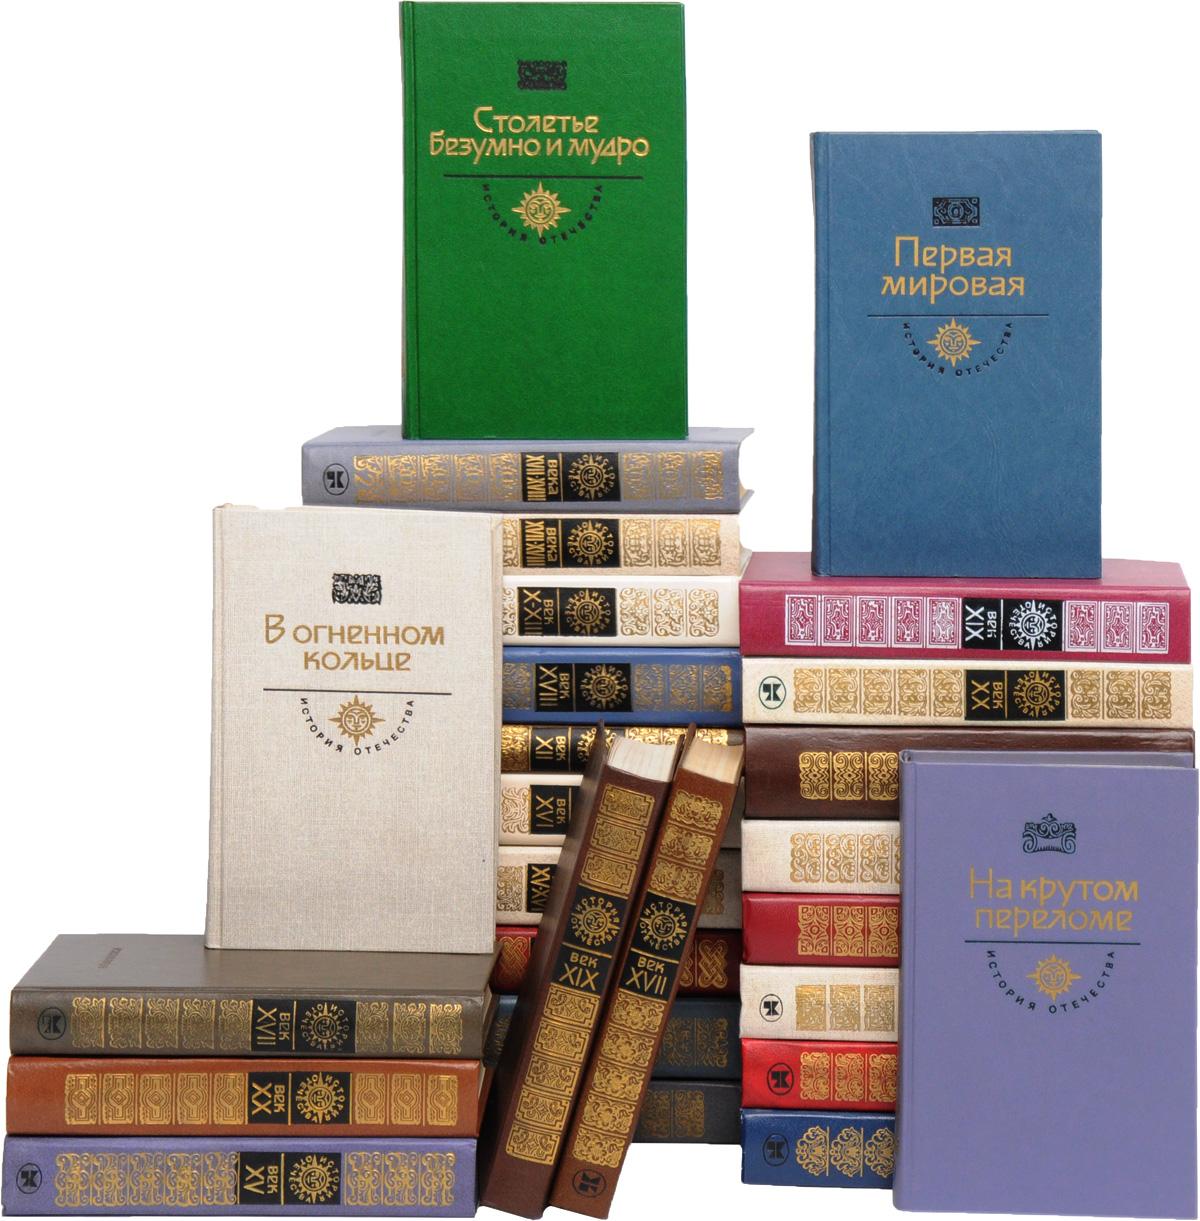 История отечества в романах, повестях, документах (комплект из 27 книг)